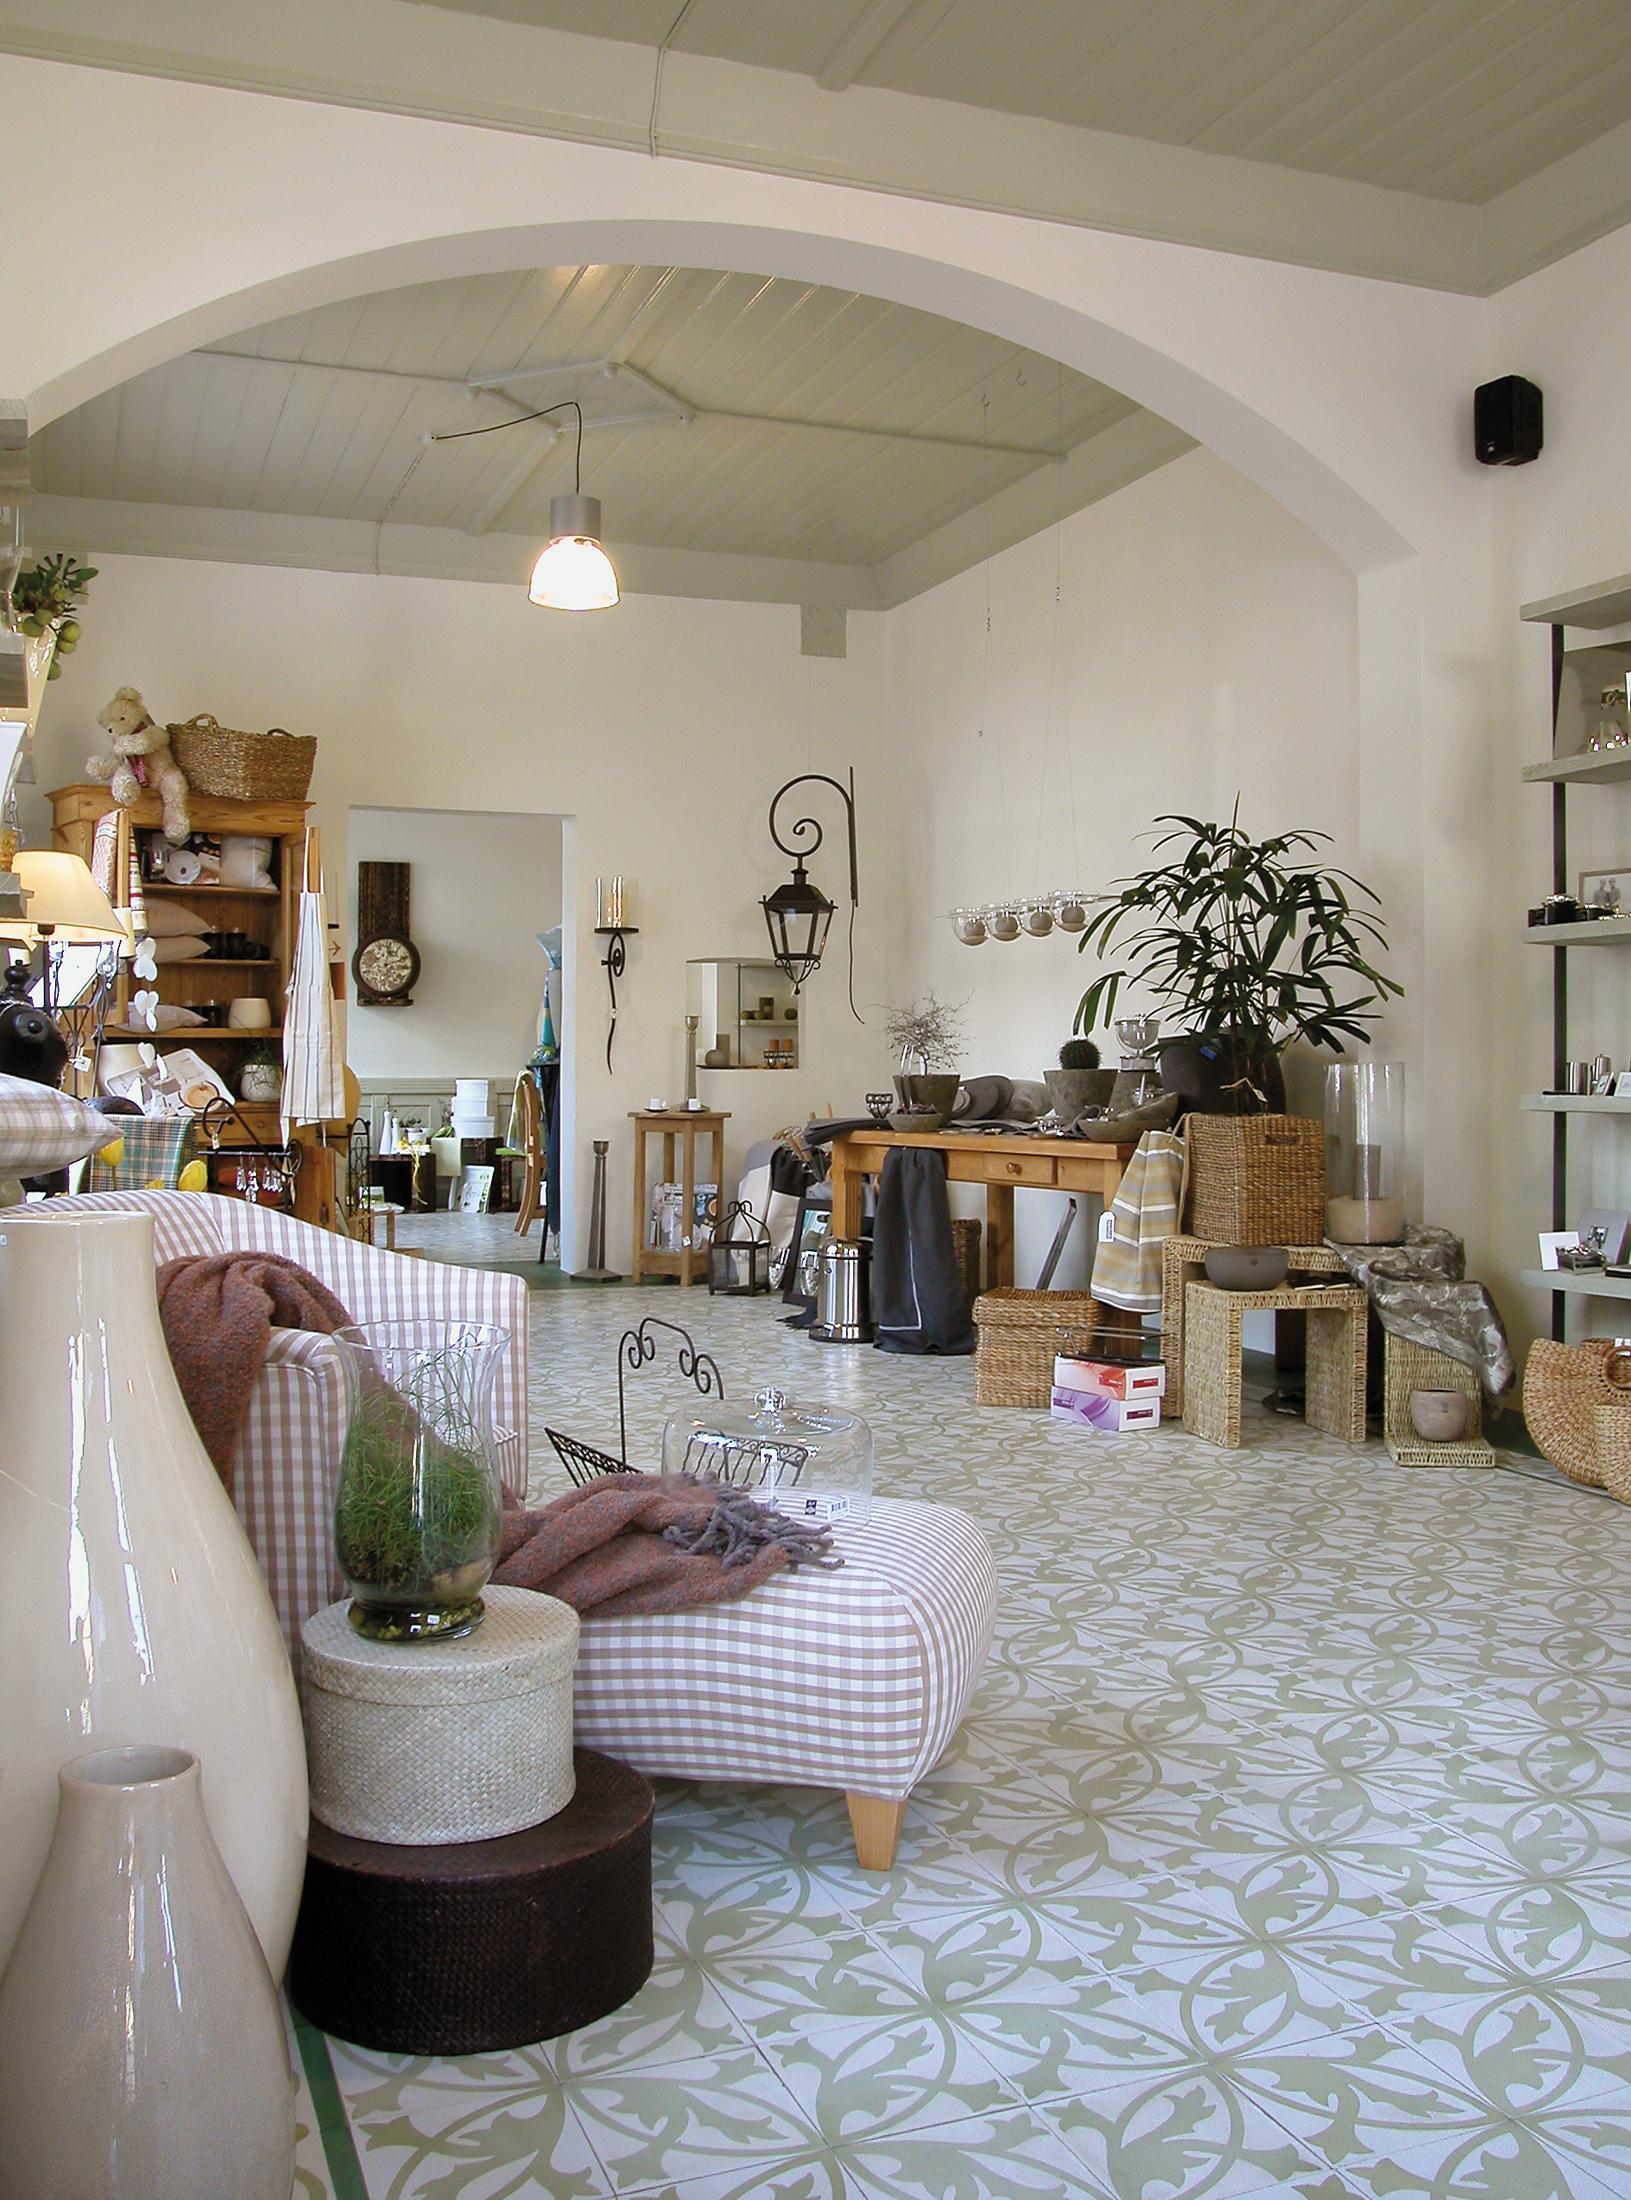 Deckenverkleidung Bilder Ideen COUCH - Wohnzimmer deckenverkleidung